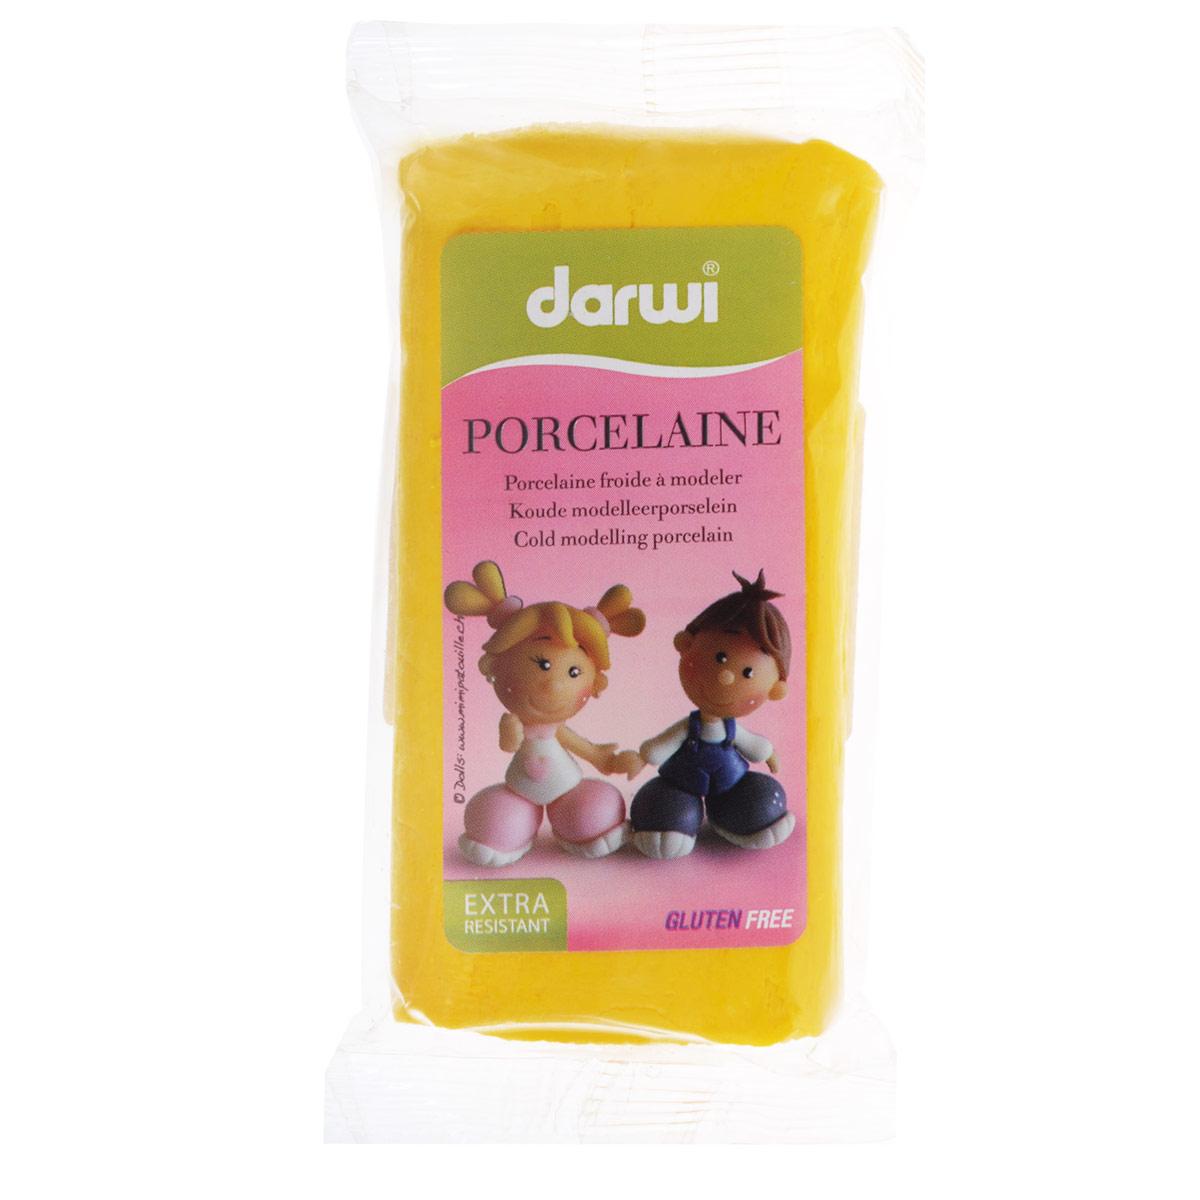 Масса для лепки Darwi Porcelaine, цвет: желтый (700), 150 г357002_700Масса Darwi Porcelaine - это самозатвердевающая полимерная глина, предназначенная для лепки. Уже готова к использованию. После полного высыхания (от нескольких часов до нескольких дней в зависимости от размера работы) масса становится очень твердой и дает небольшую усадку. Влагоустойчива при высыхании. После отверждения можно покрывать лаком, красками. Не рекомендуется давать детям до 3-х лет. Транспортировка и хранение массы возможно при температуре 5-25°С.